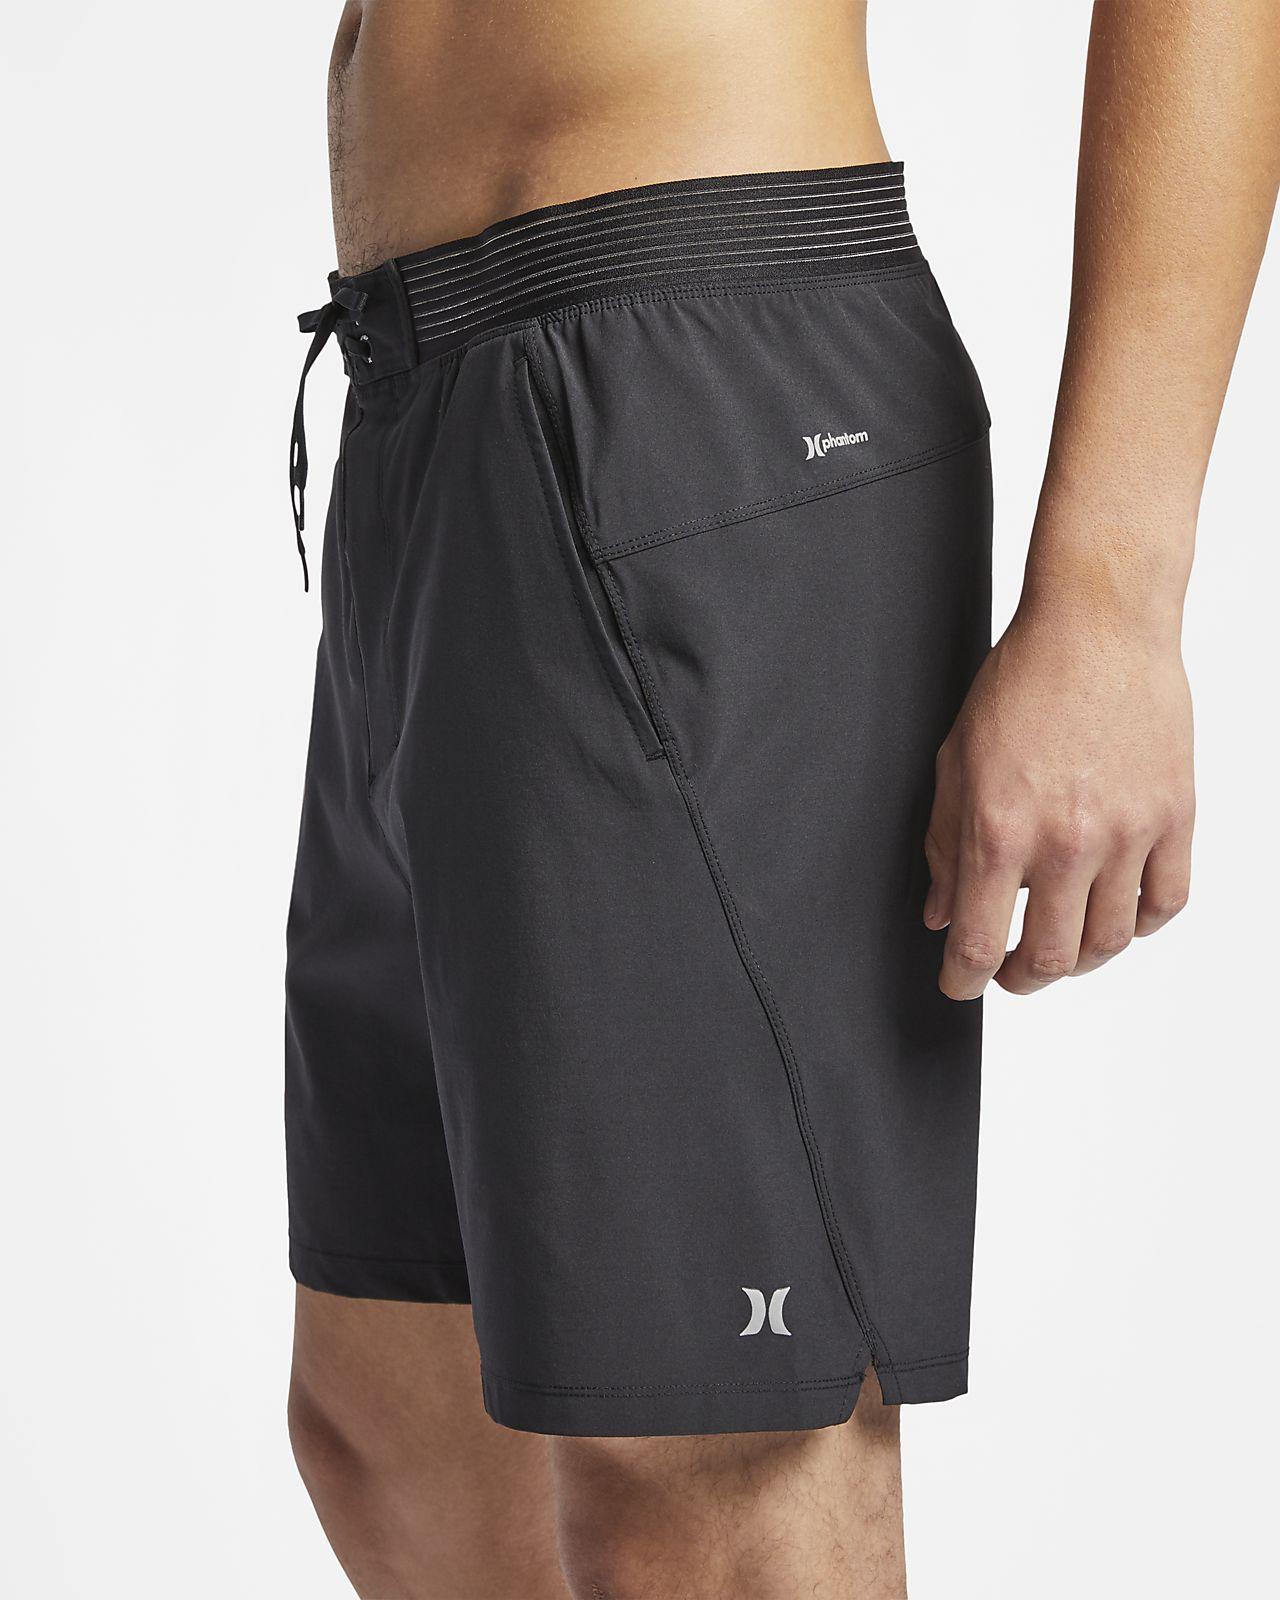 79fca7e68bcd Hurley Phantom Alpha Trainer Men s 46cm Shorts. Nike.com GB